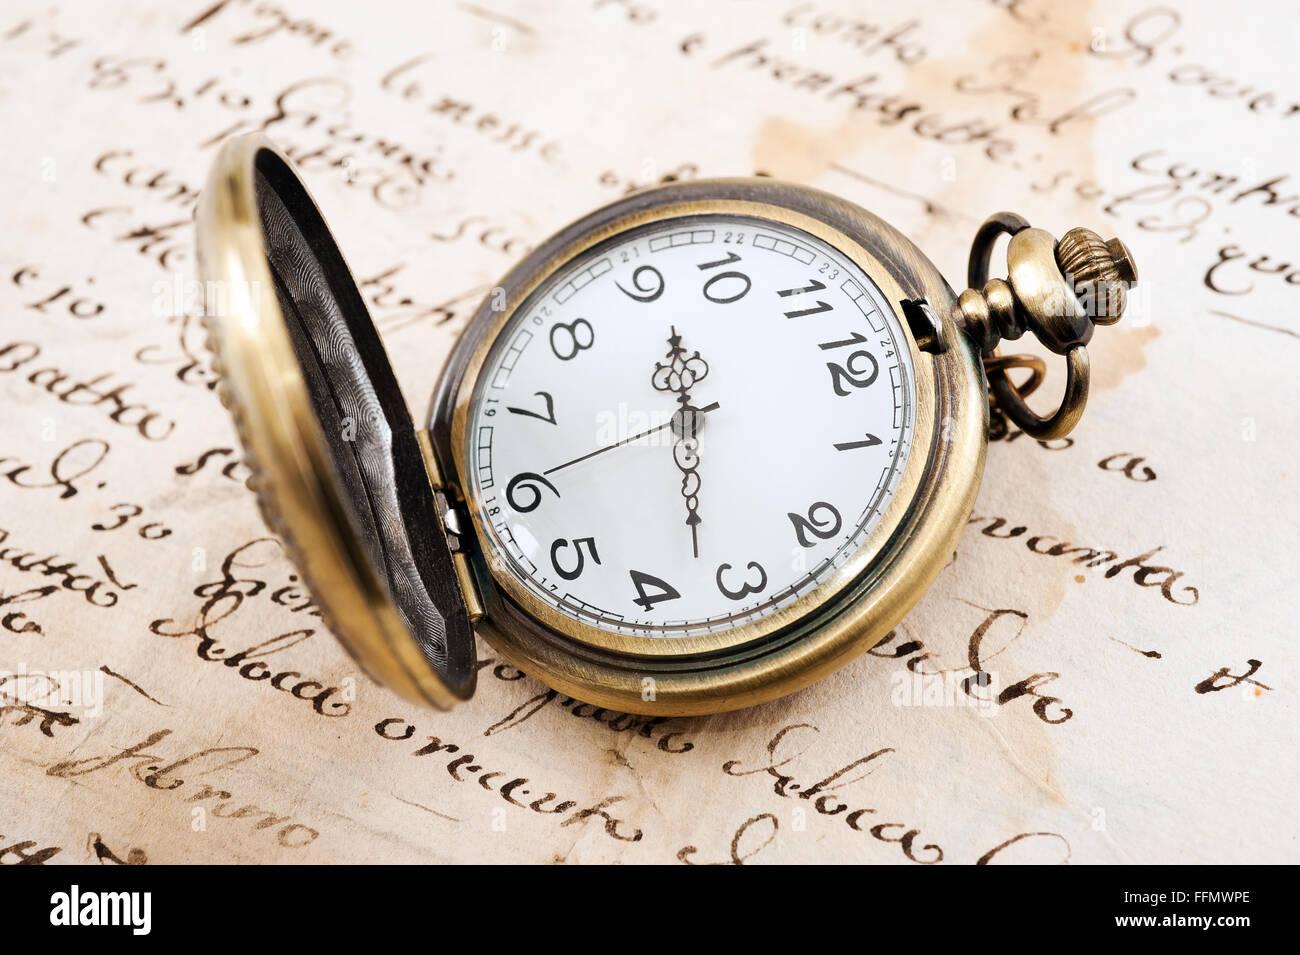 Vintage pocket watch over manuscript background - Stock Image